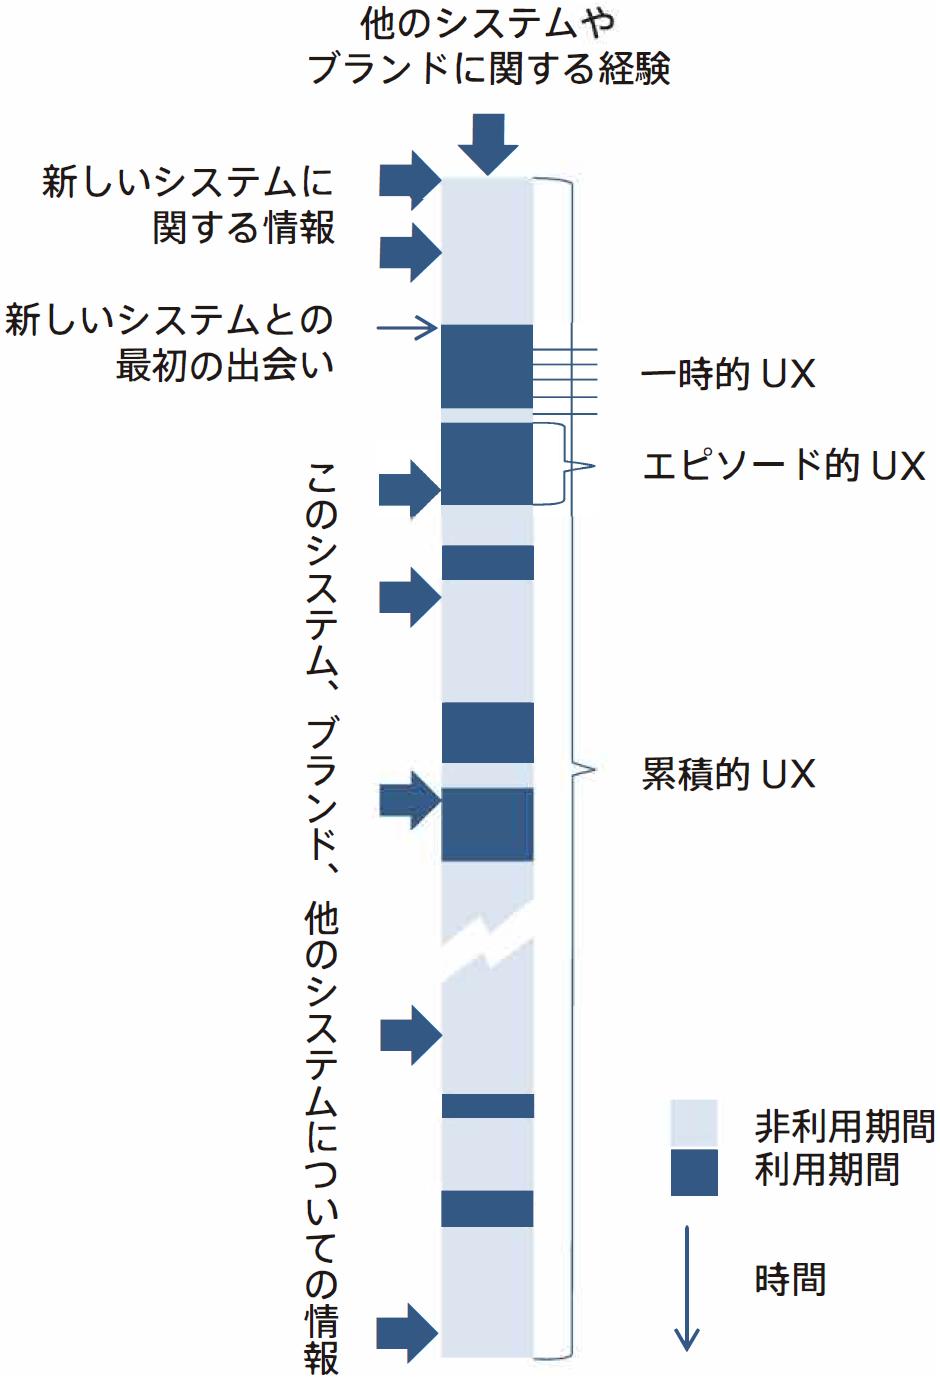 利用と非利用の期間からなる時の経過につれたUX(『UX白書(日本語訳版)』より)。